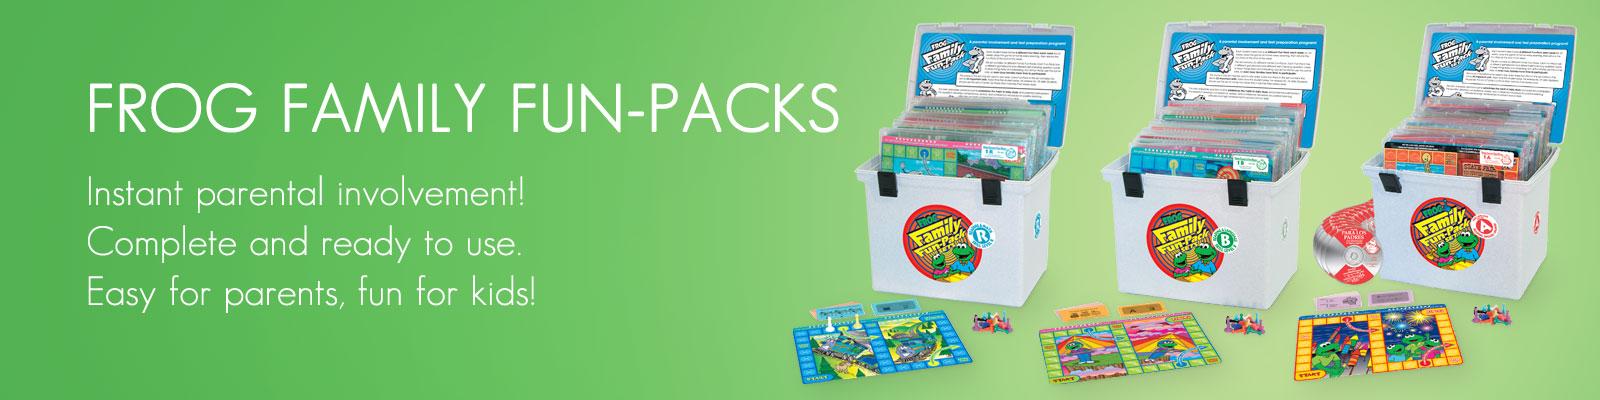 Frog Family Fun-Packs